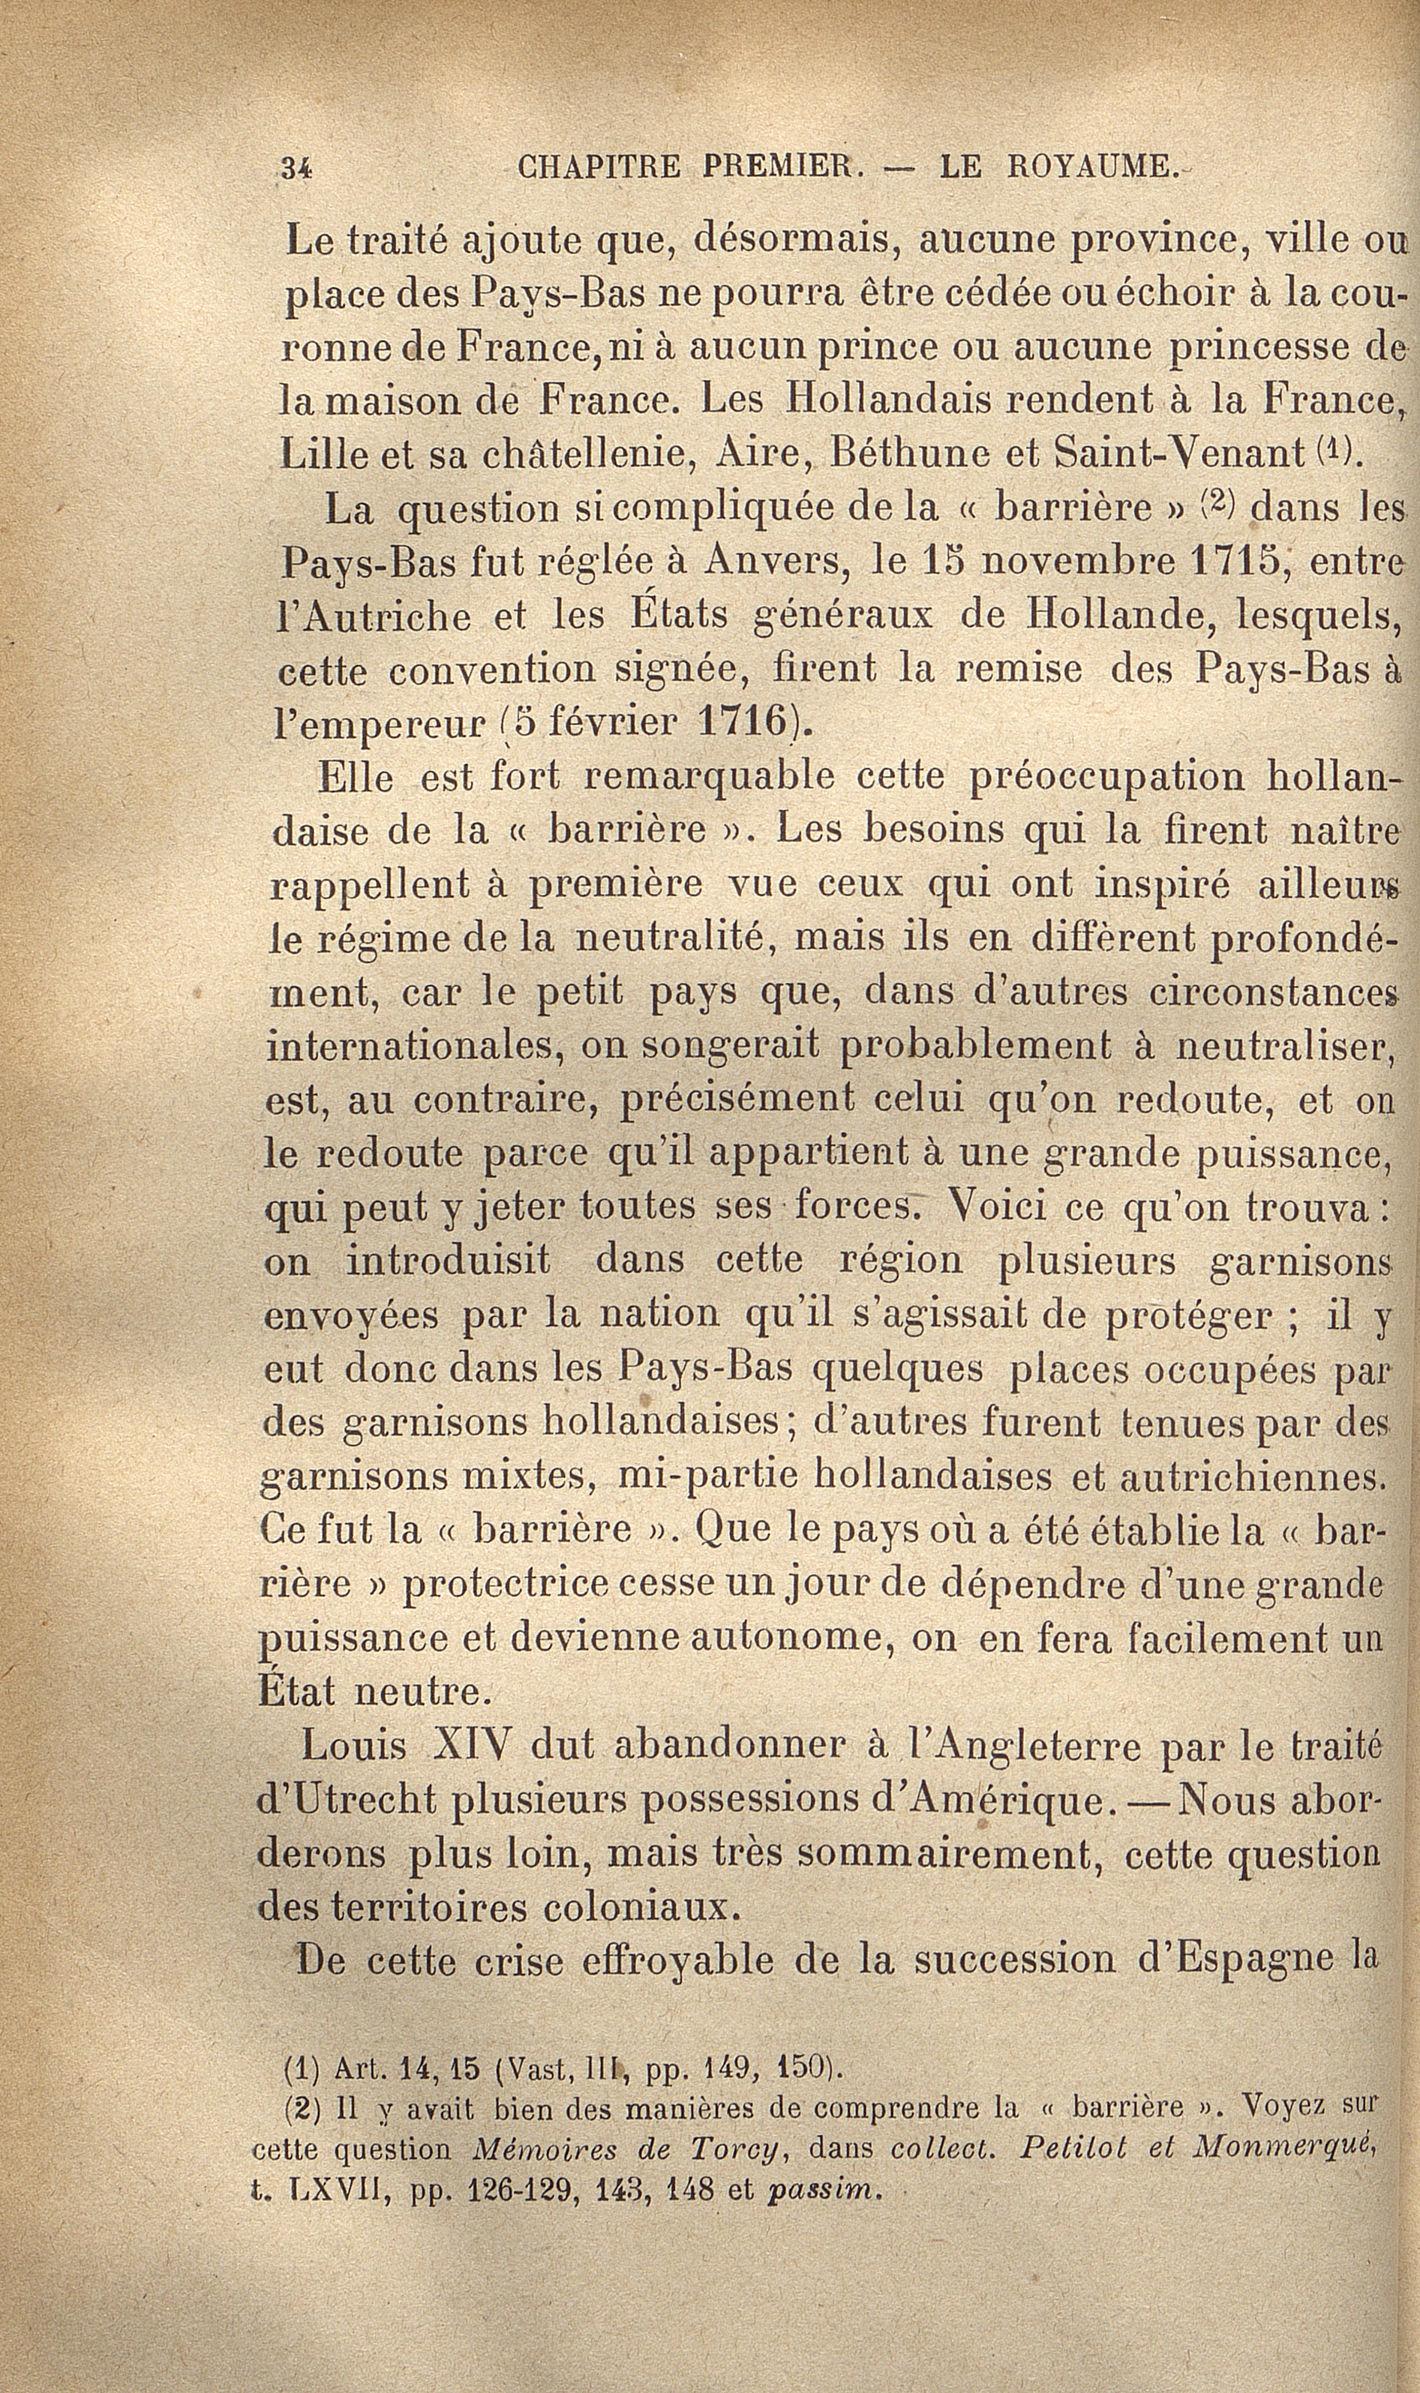 http://expo-paulviollet.univ-paris1.fr/wp-content/uploads/2016/02/0605381272_0048.jpg